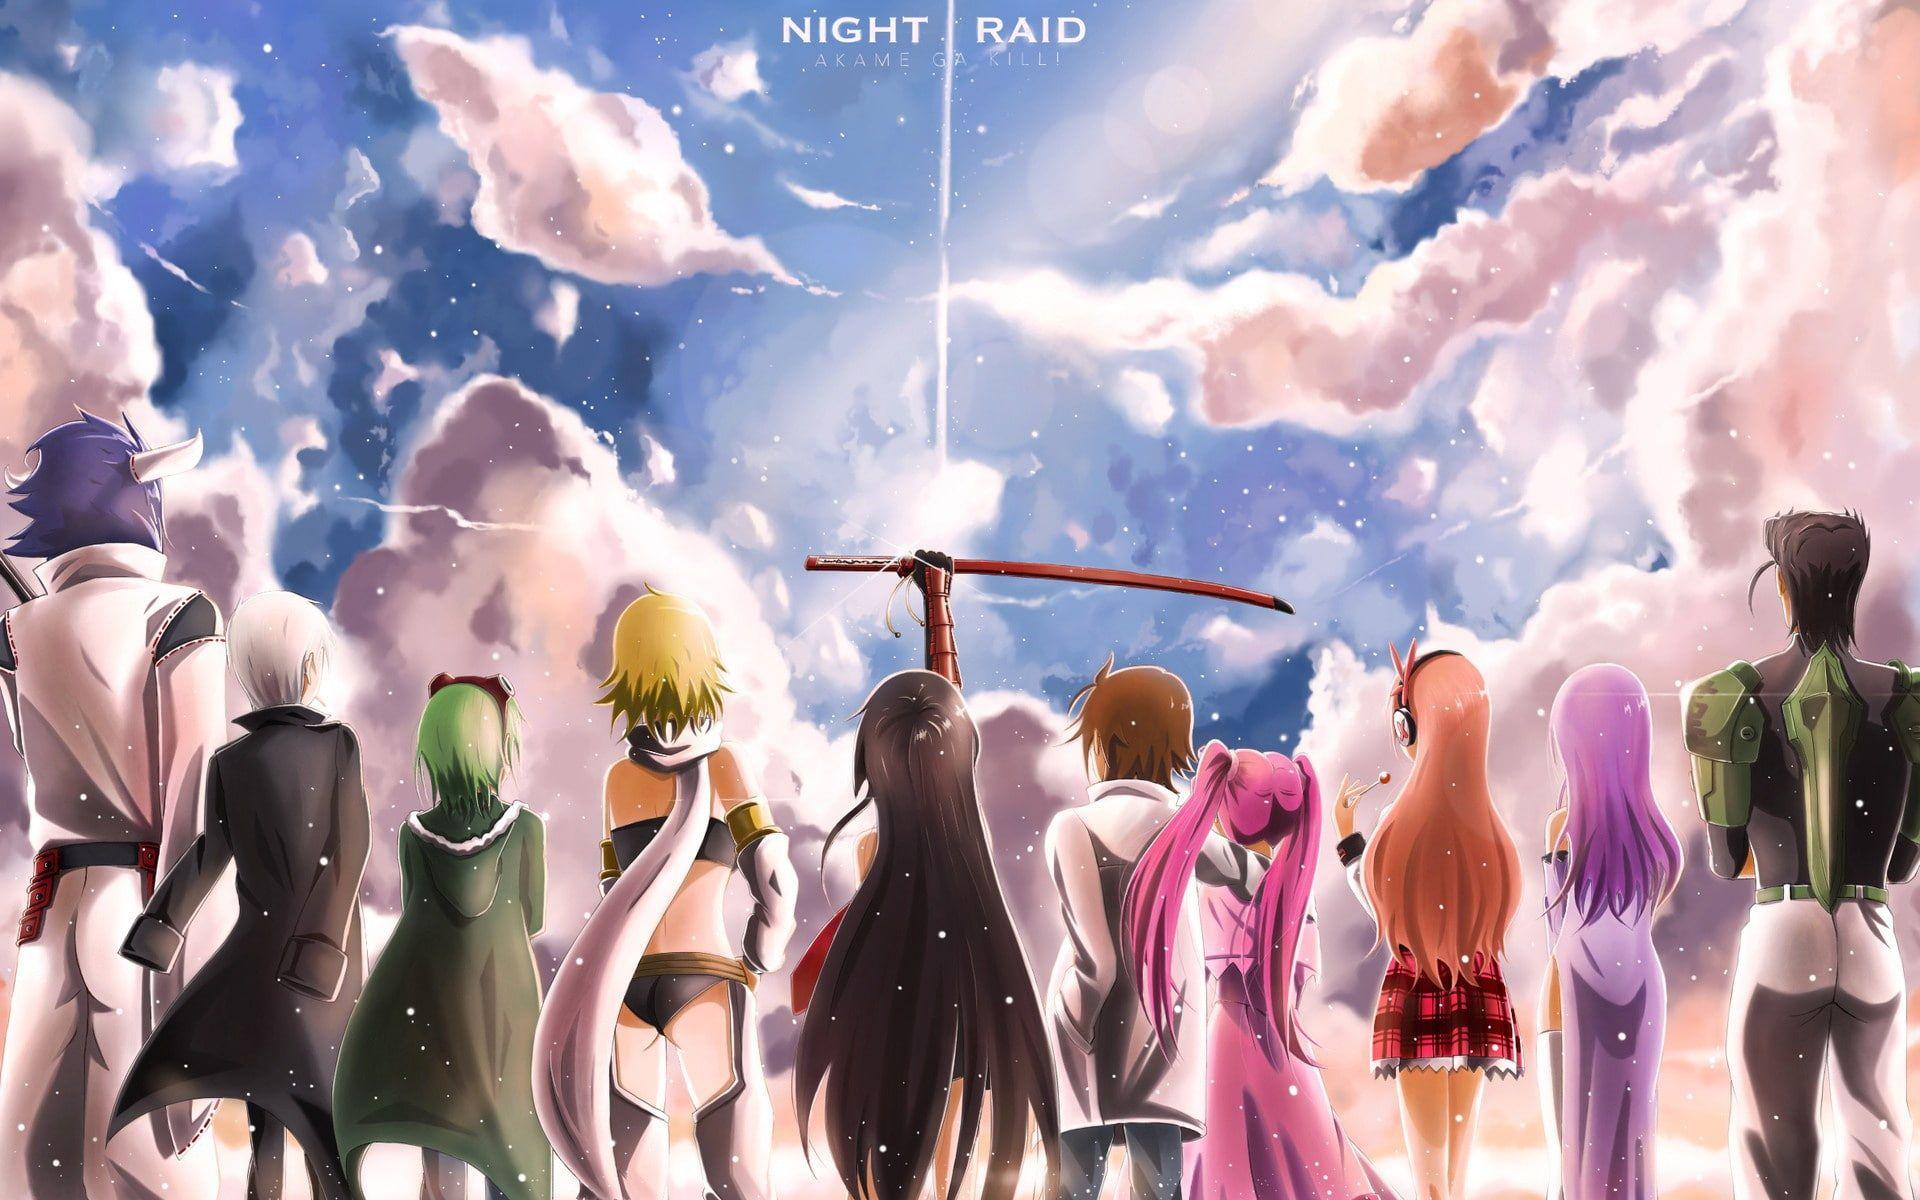 Sword Sky Anime Cloud Katana Man Ken Blade Hero Asian